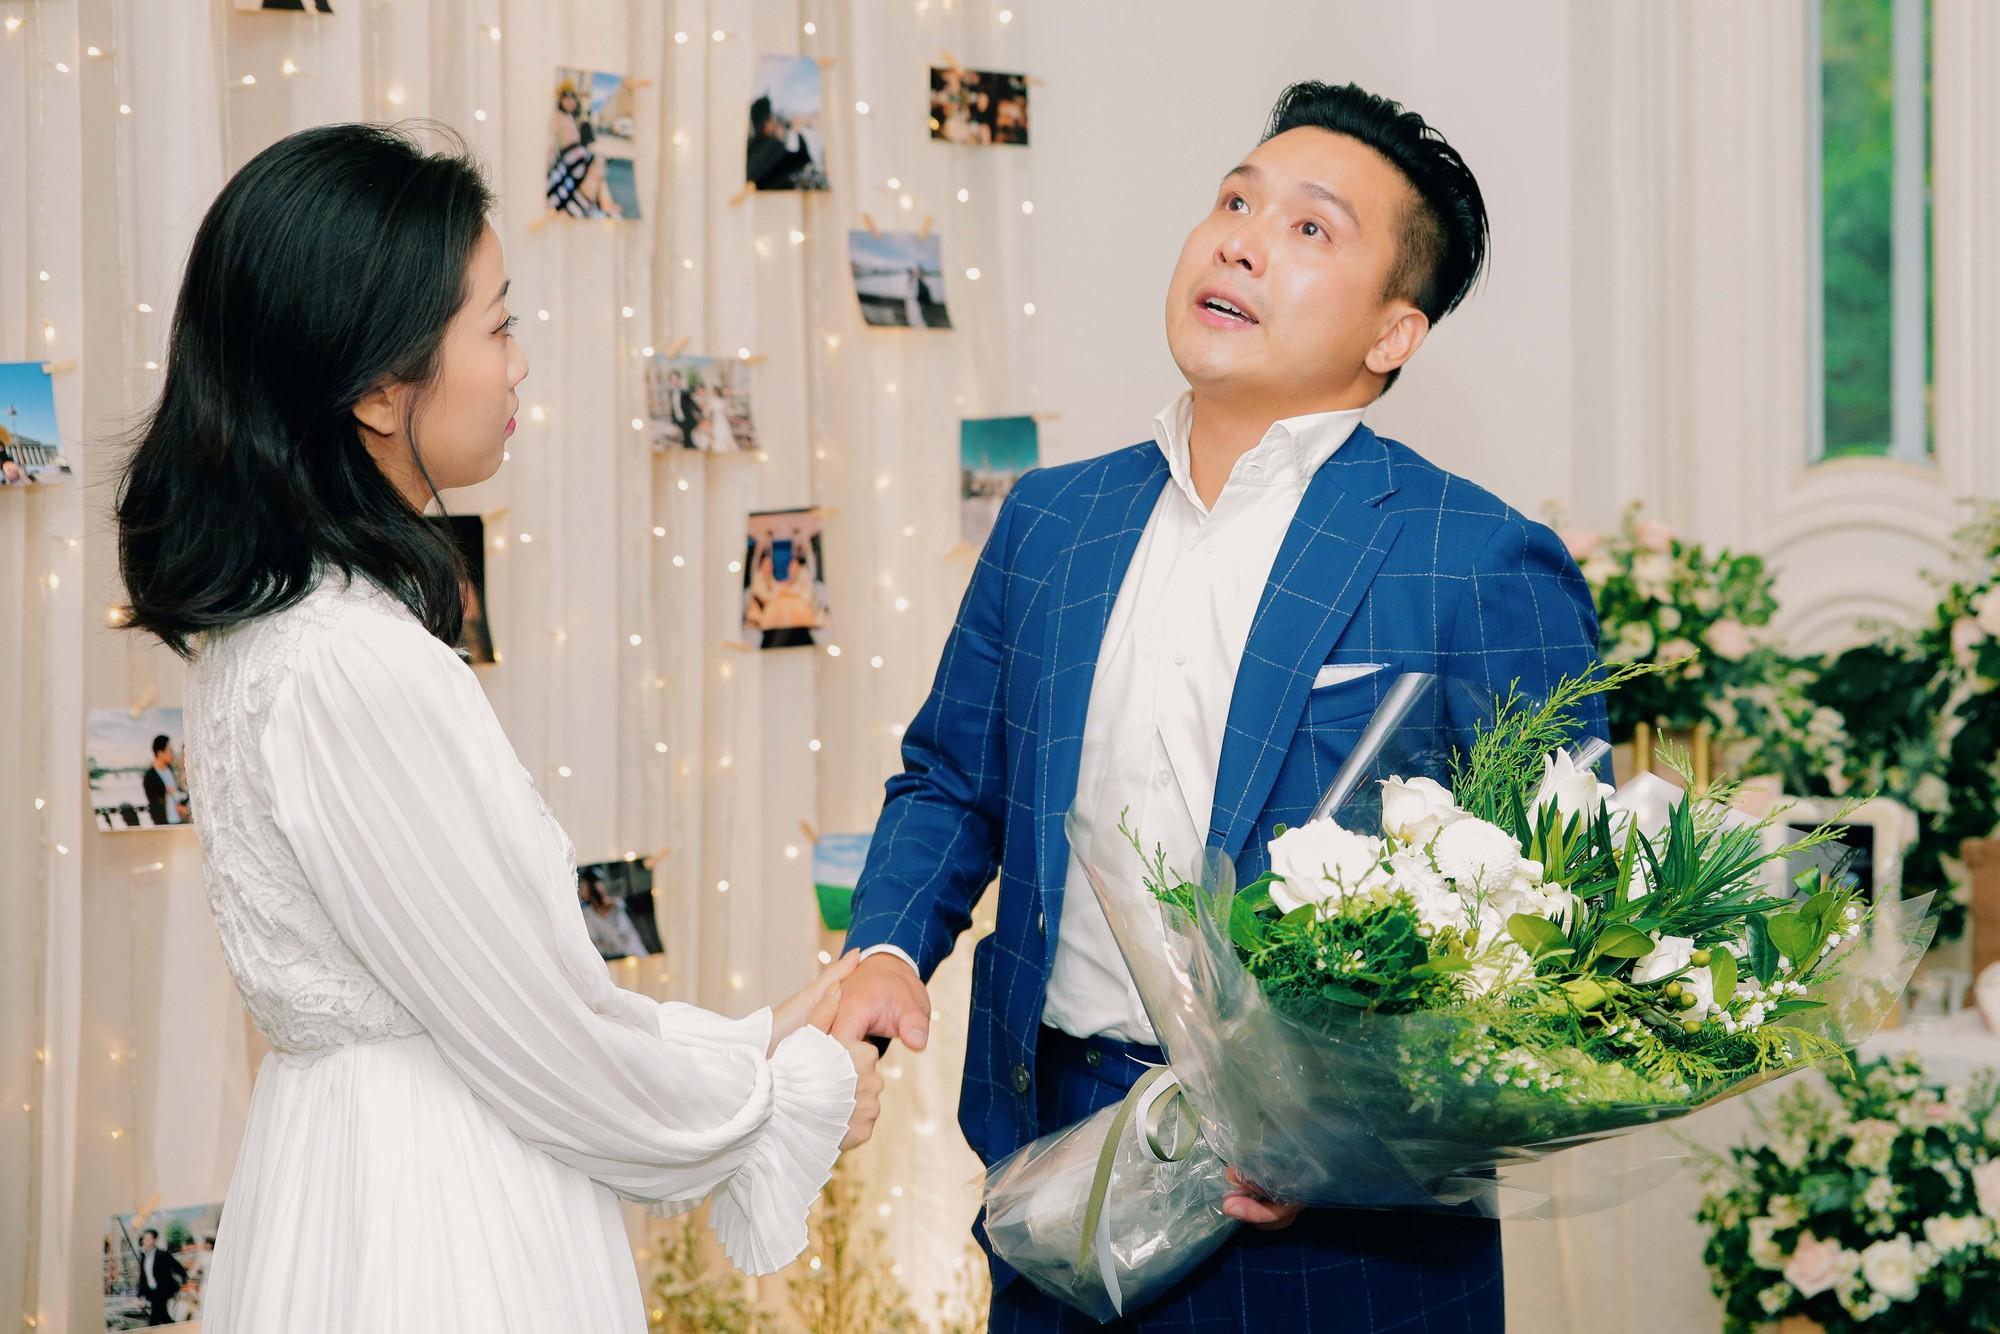 Chân dung bạn trai Việt Kiều vừa cầu hôn MC Liêu Hà Trinh   - Ảnh 1.